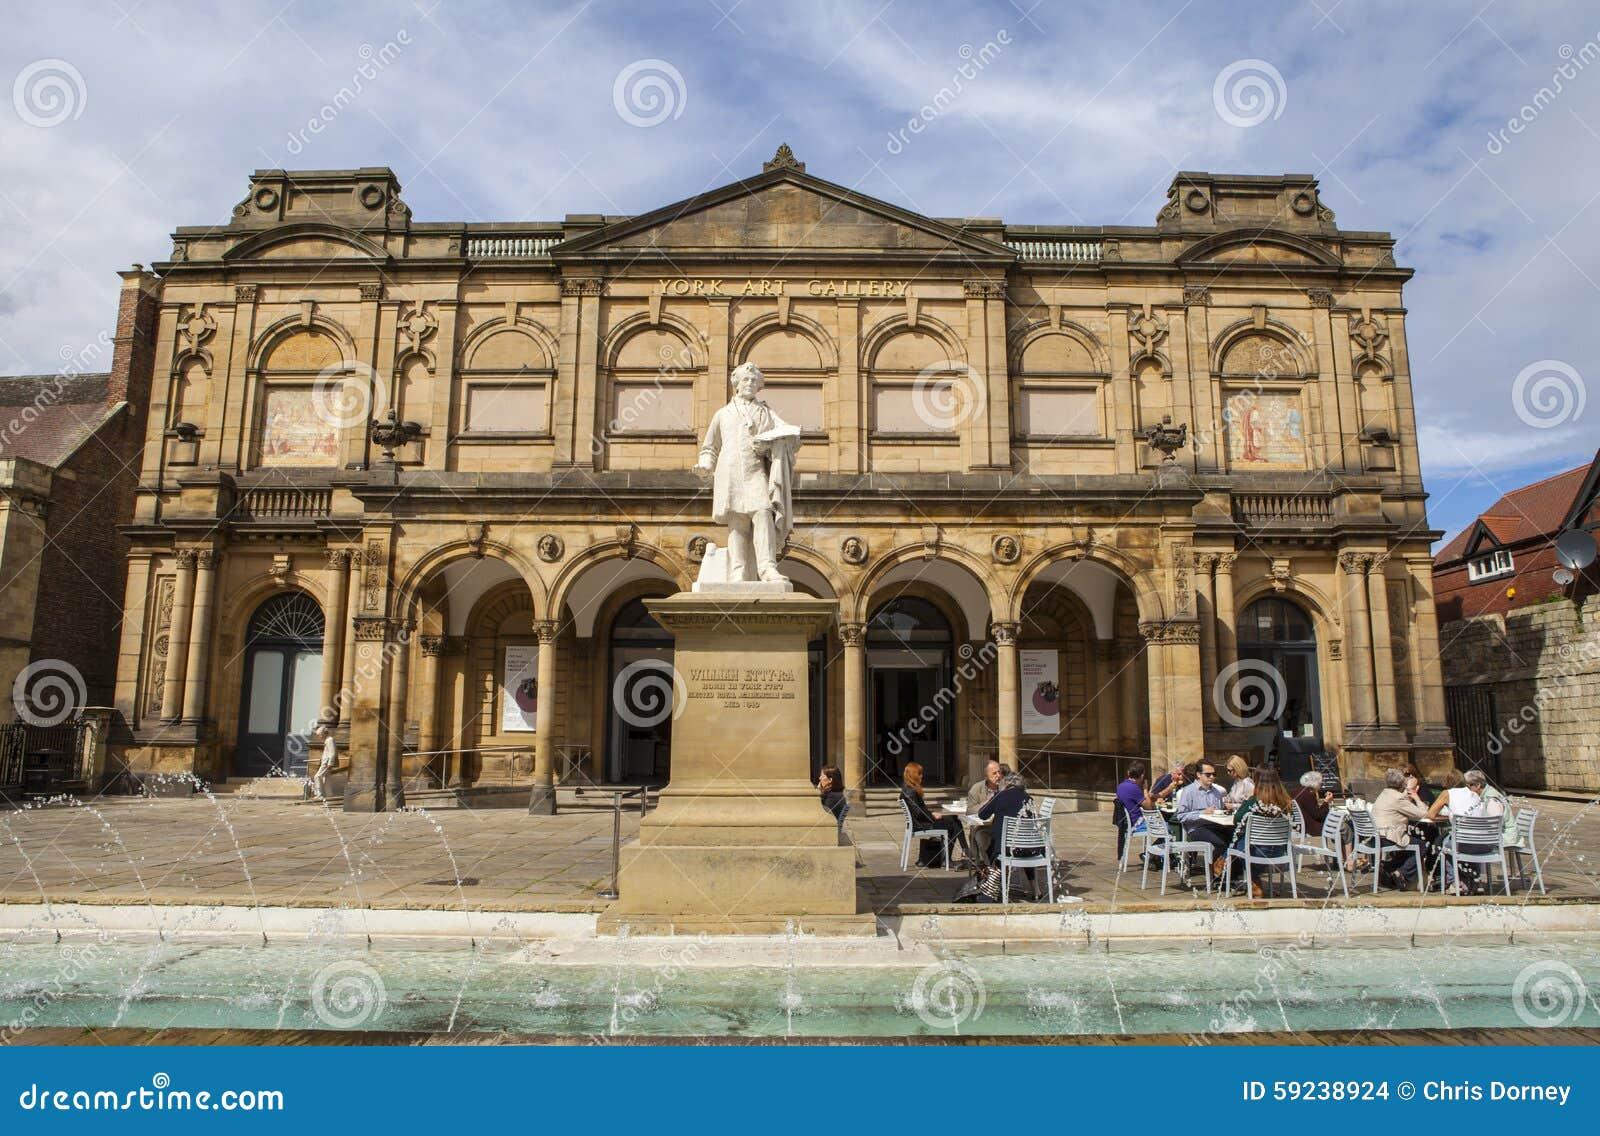 Download York Art Gallery imagen de archivo editorial. Imagen de exterior - 59238924